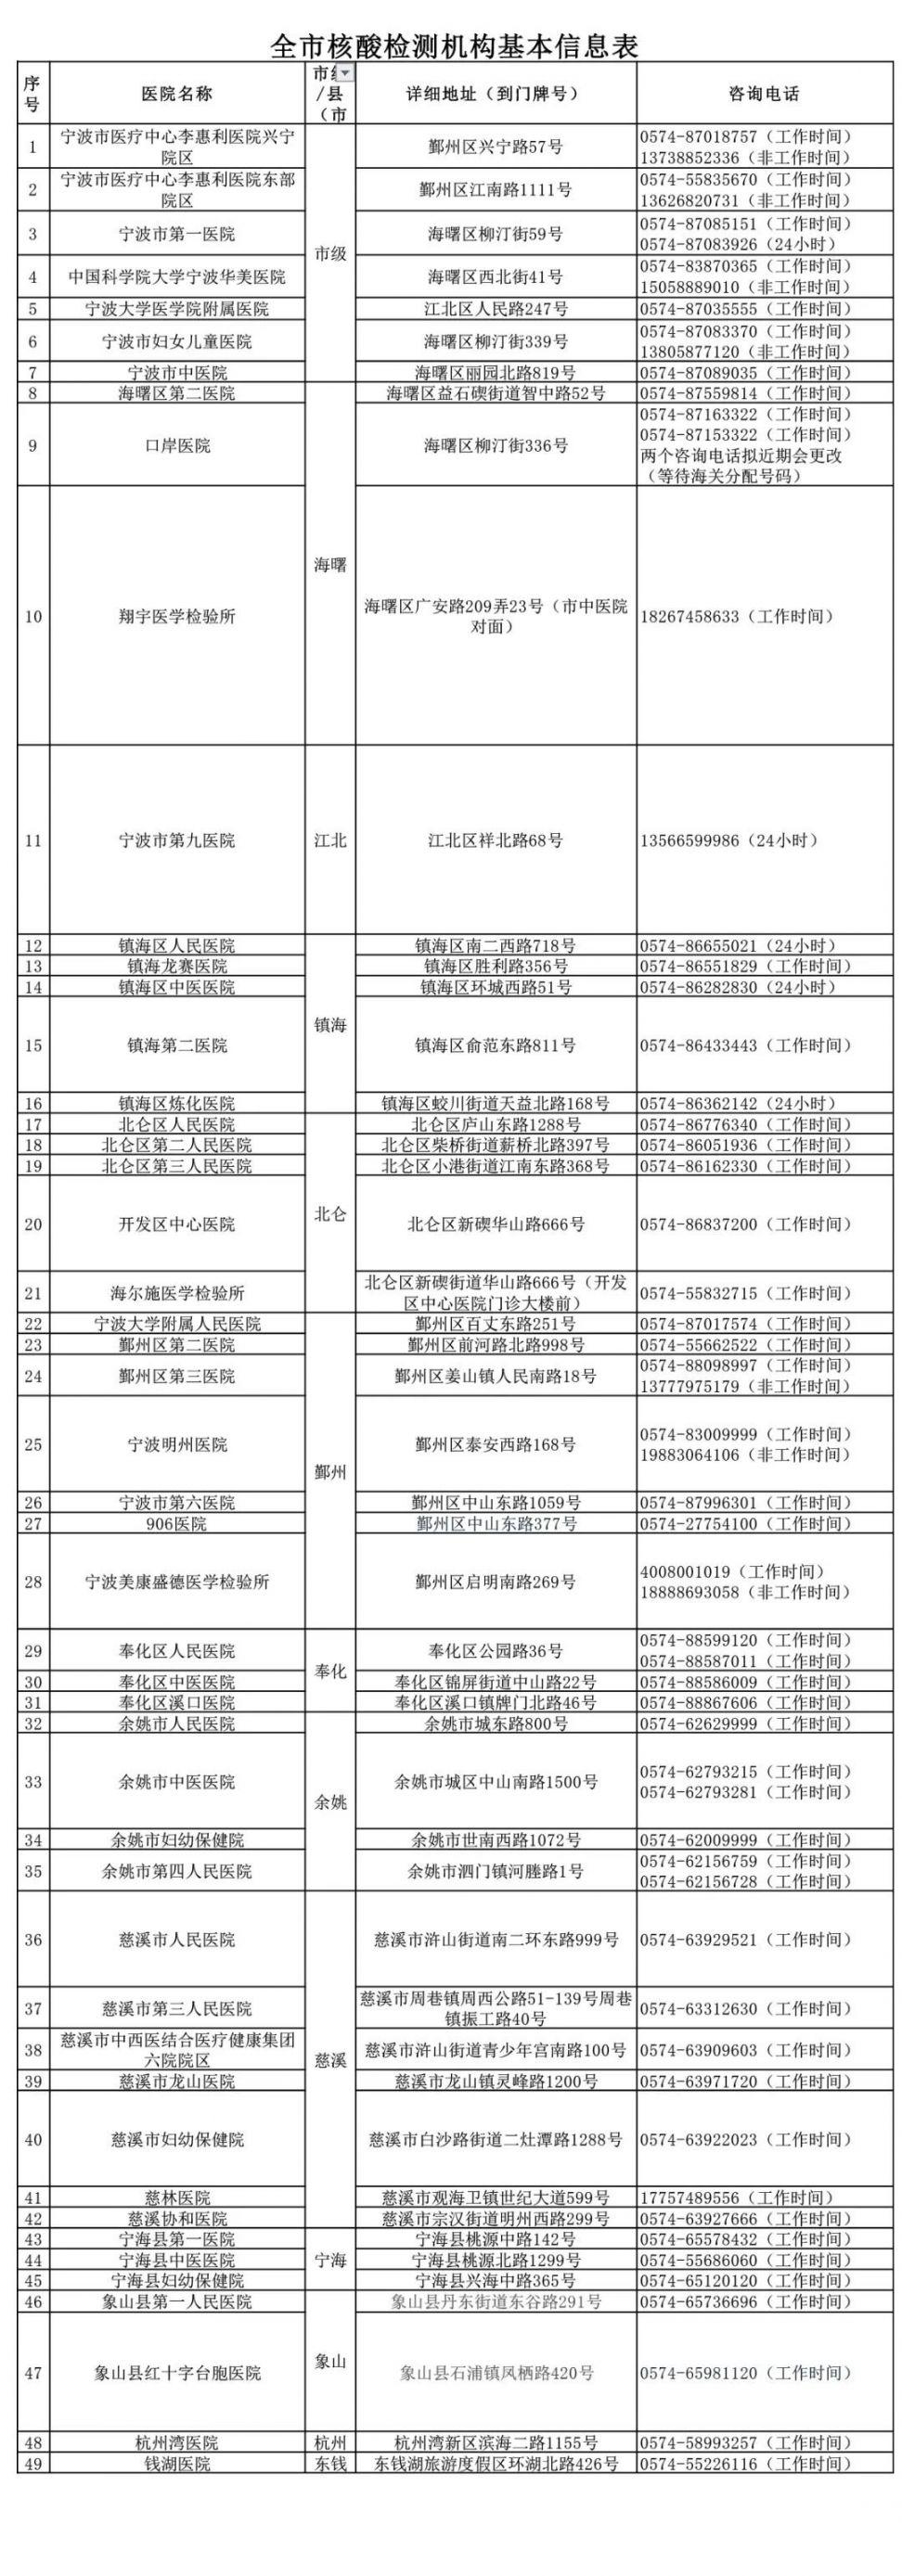 2021年宁波市核酸检测机构名单大汇总(最新)